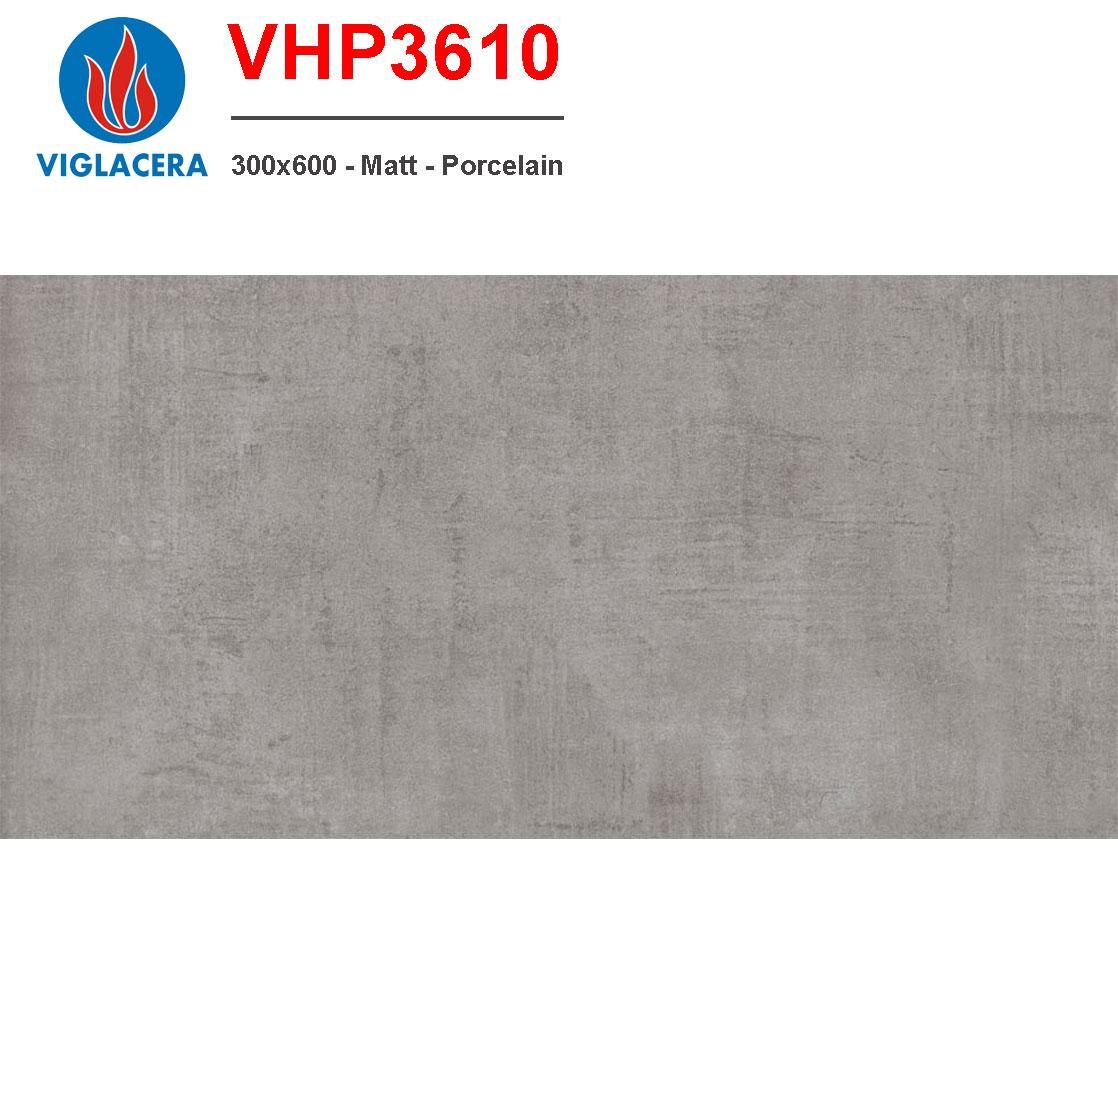 Gạch ốp tường Viglacera VHP3610 giá tốt